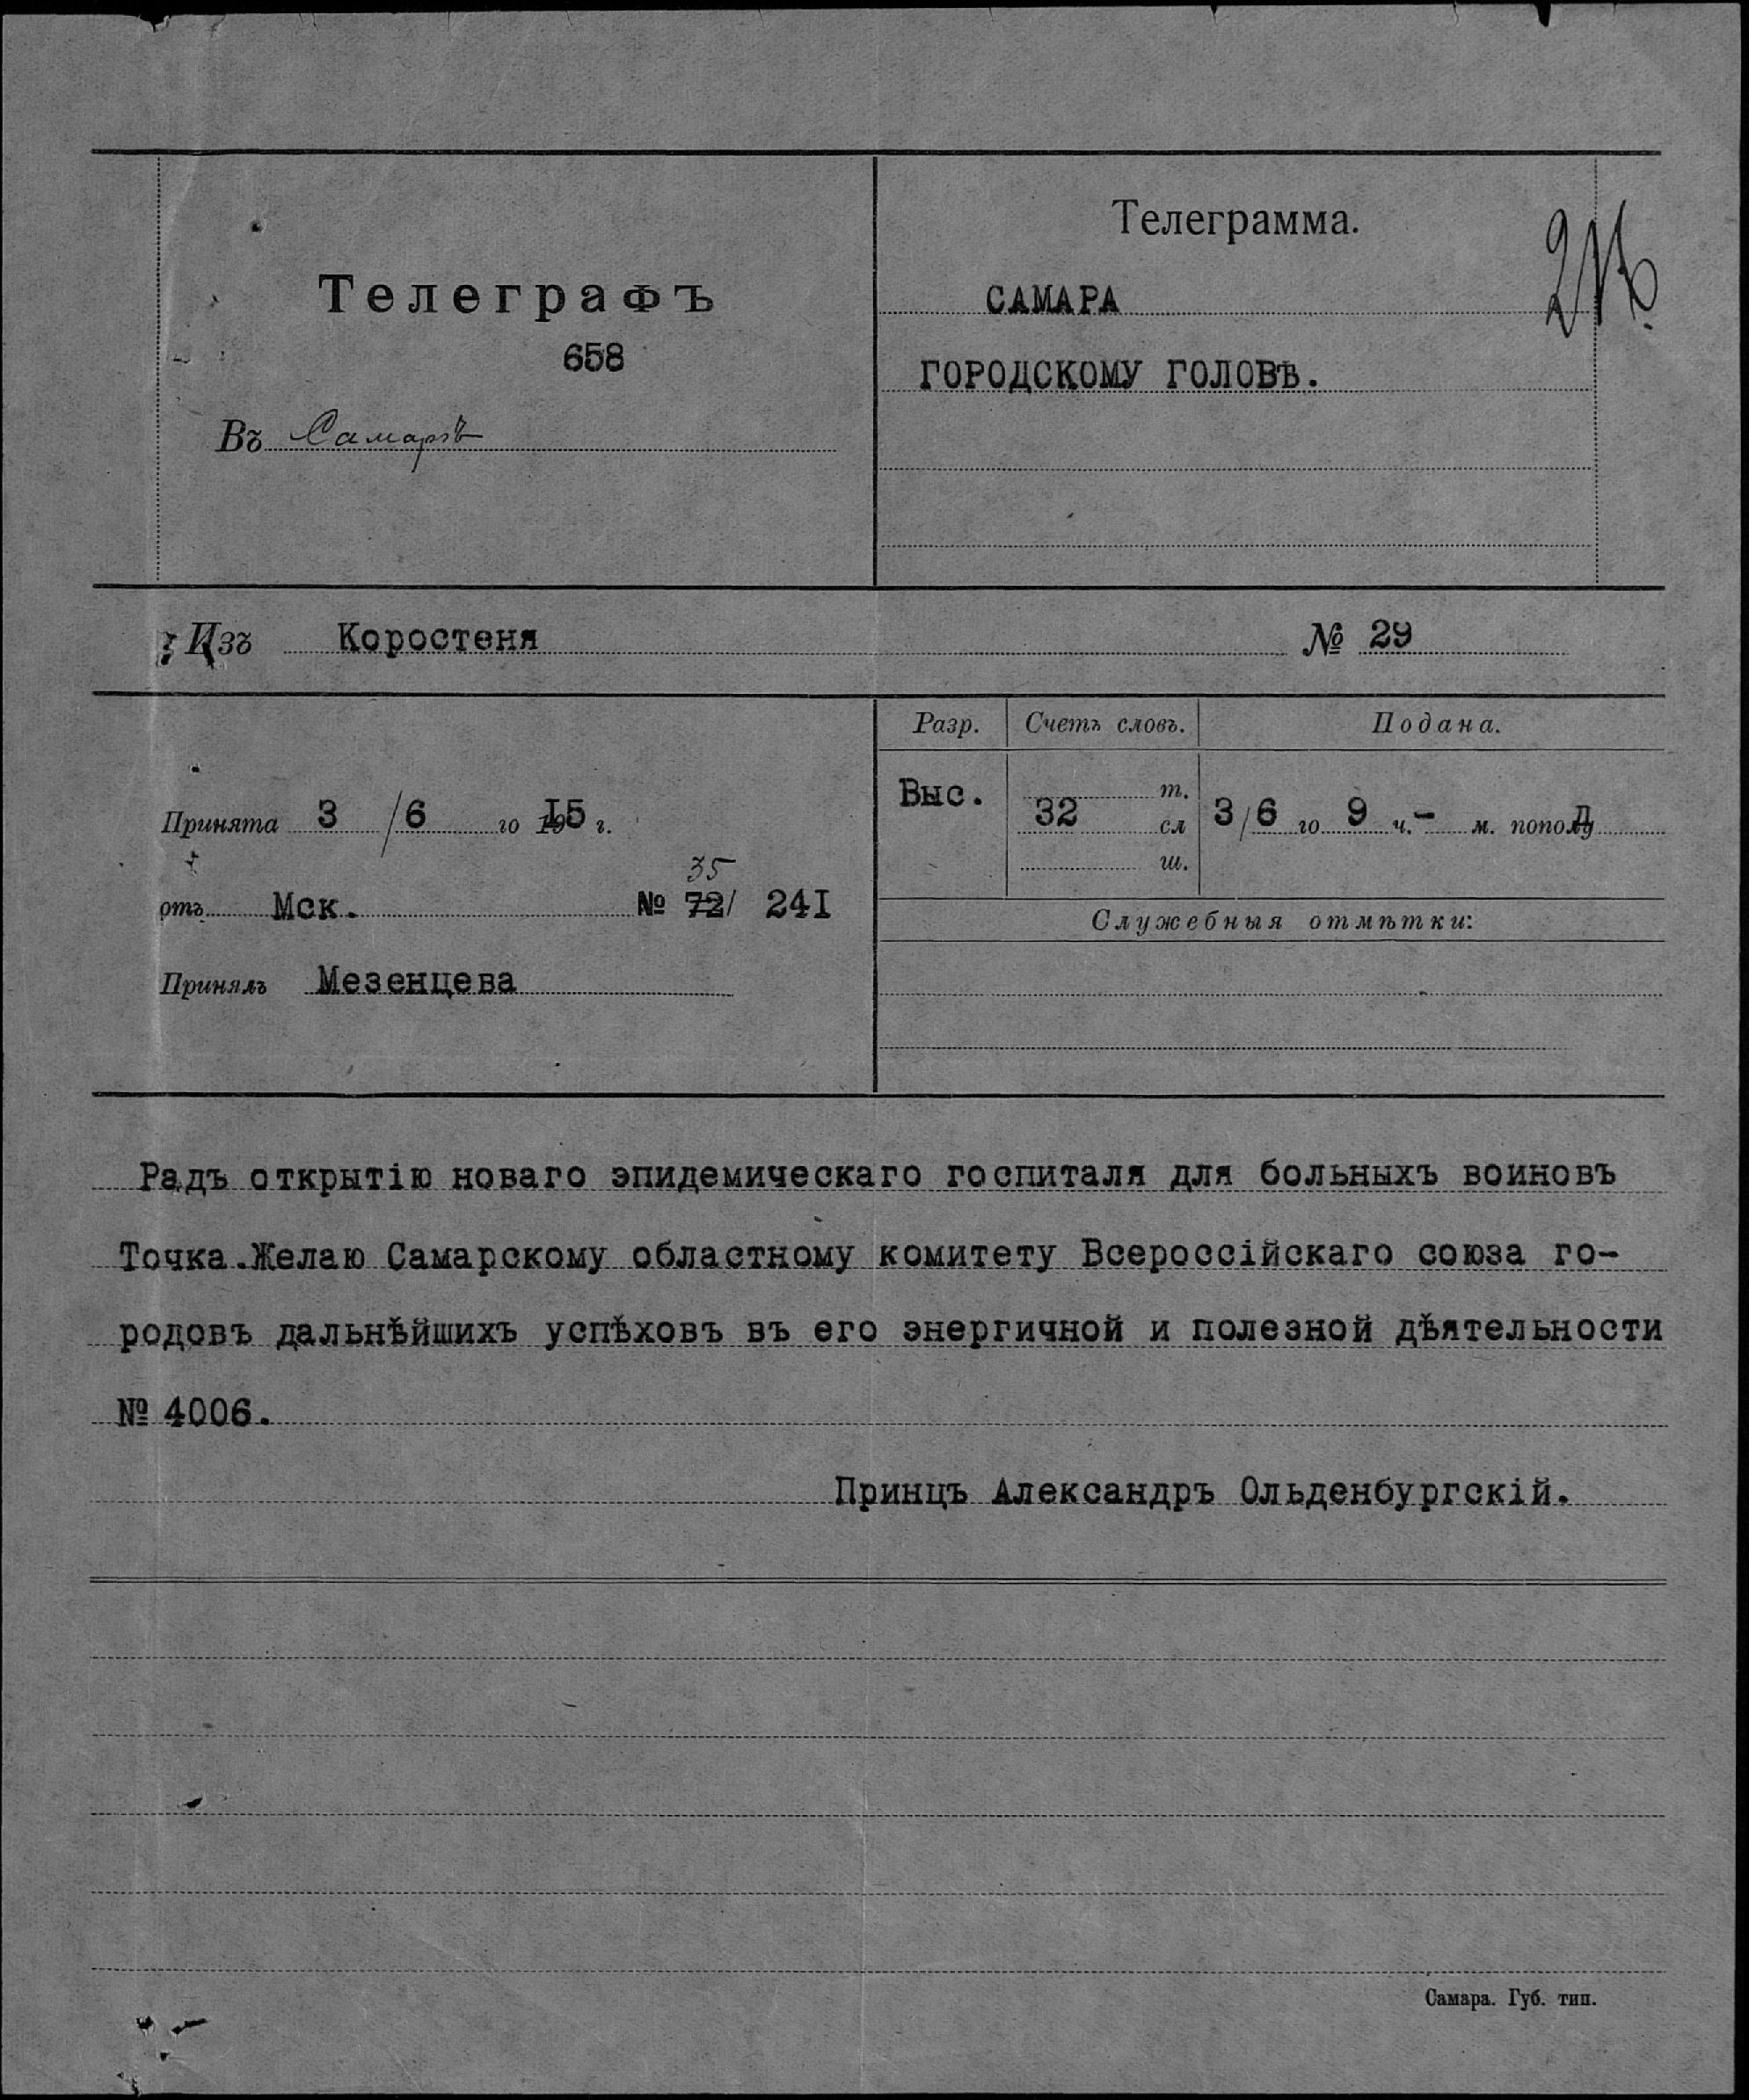 1915. Телеграмма городскому голове г. Самары от принца Александра Ольденбургского. 3 июня